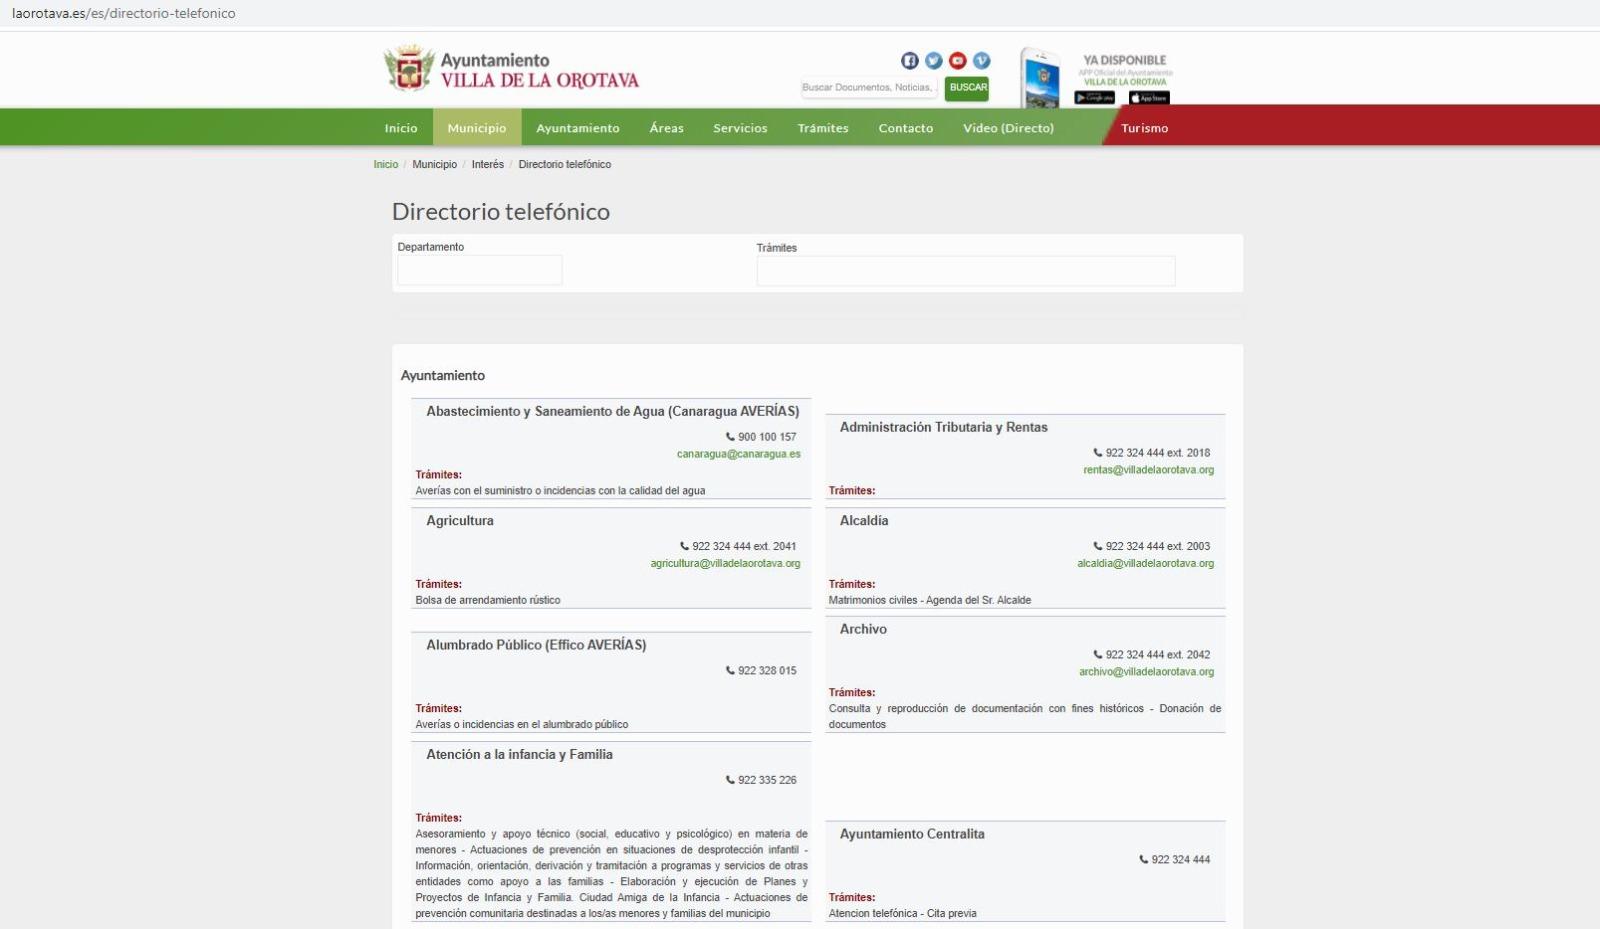 El Ayuntamiento de La Orotava pone a disposición de los vecinos y las vecinas del municipio toda la información necesaria para poder contactar tanto con las concejalías como con los servicios del consistorio